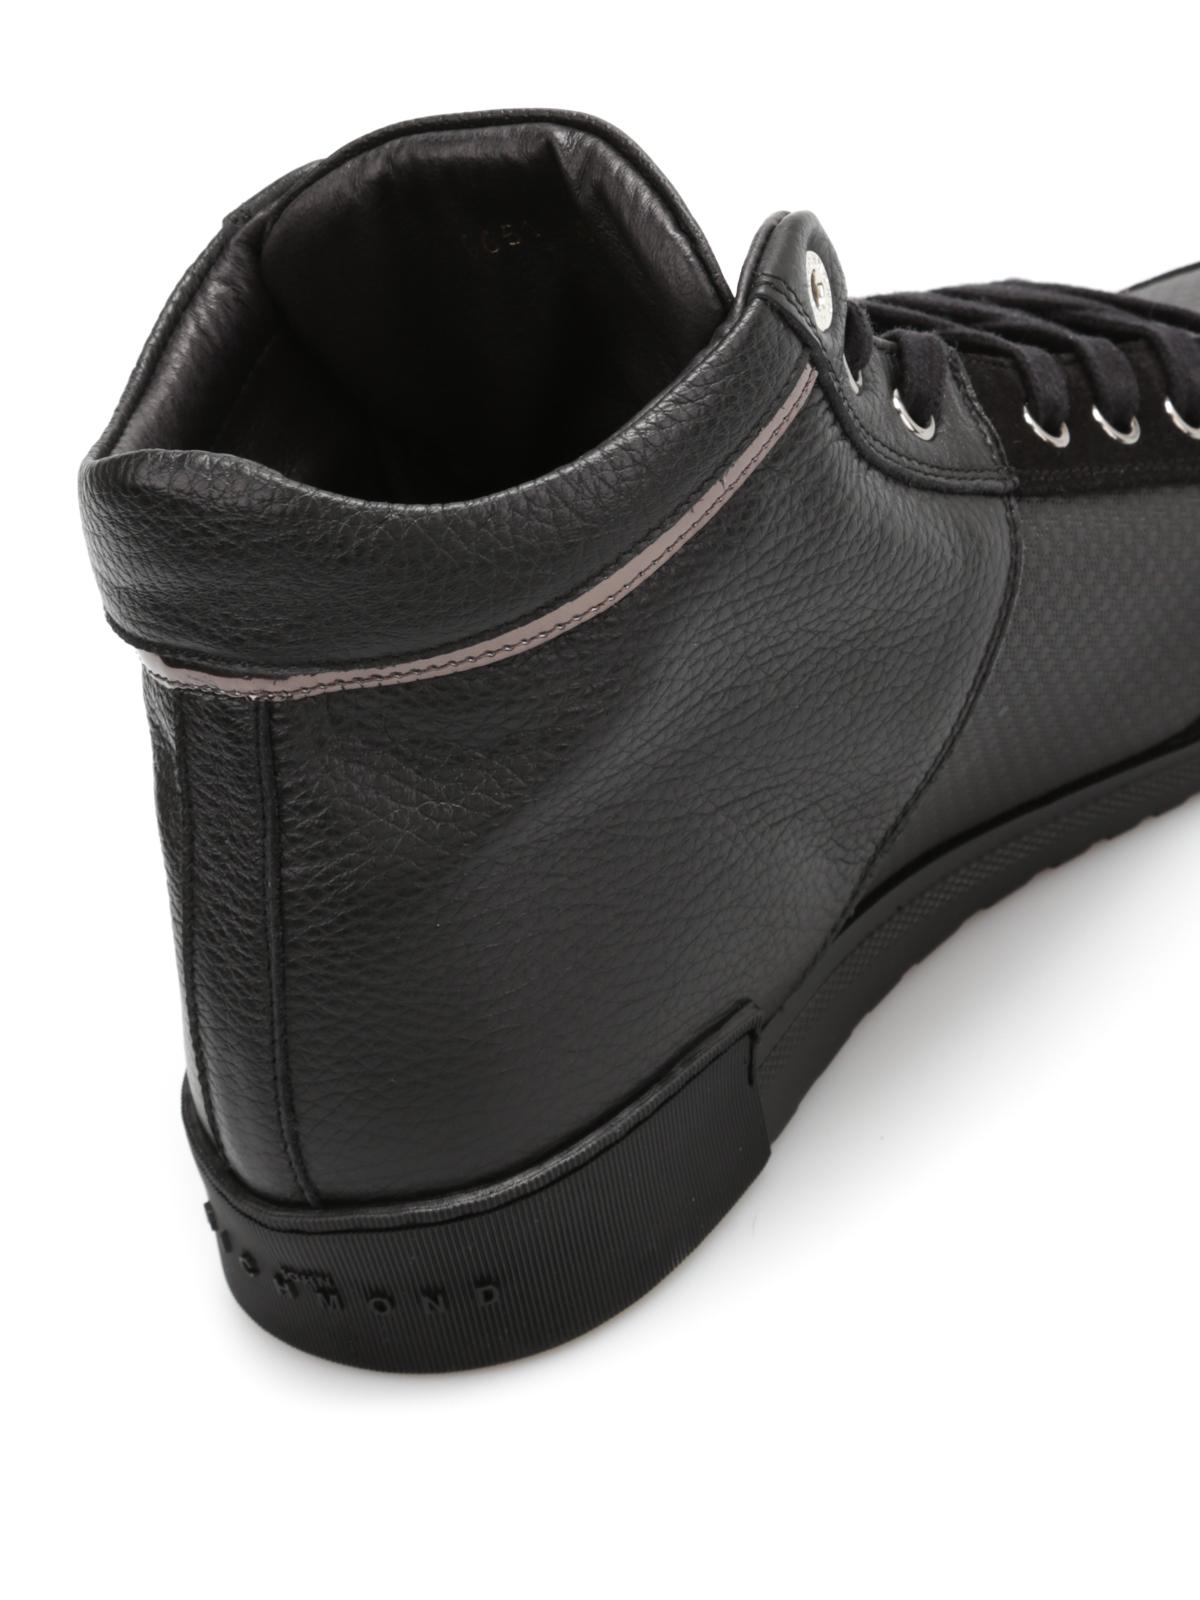 John Richmond Shoes Online